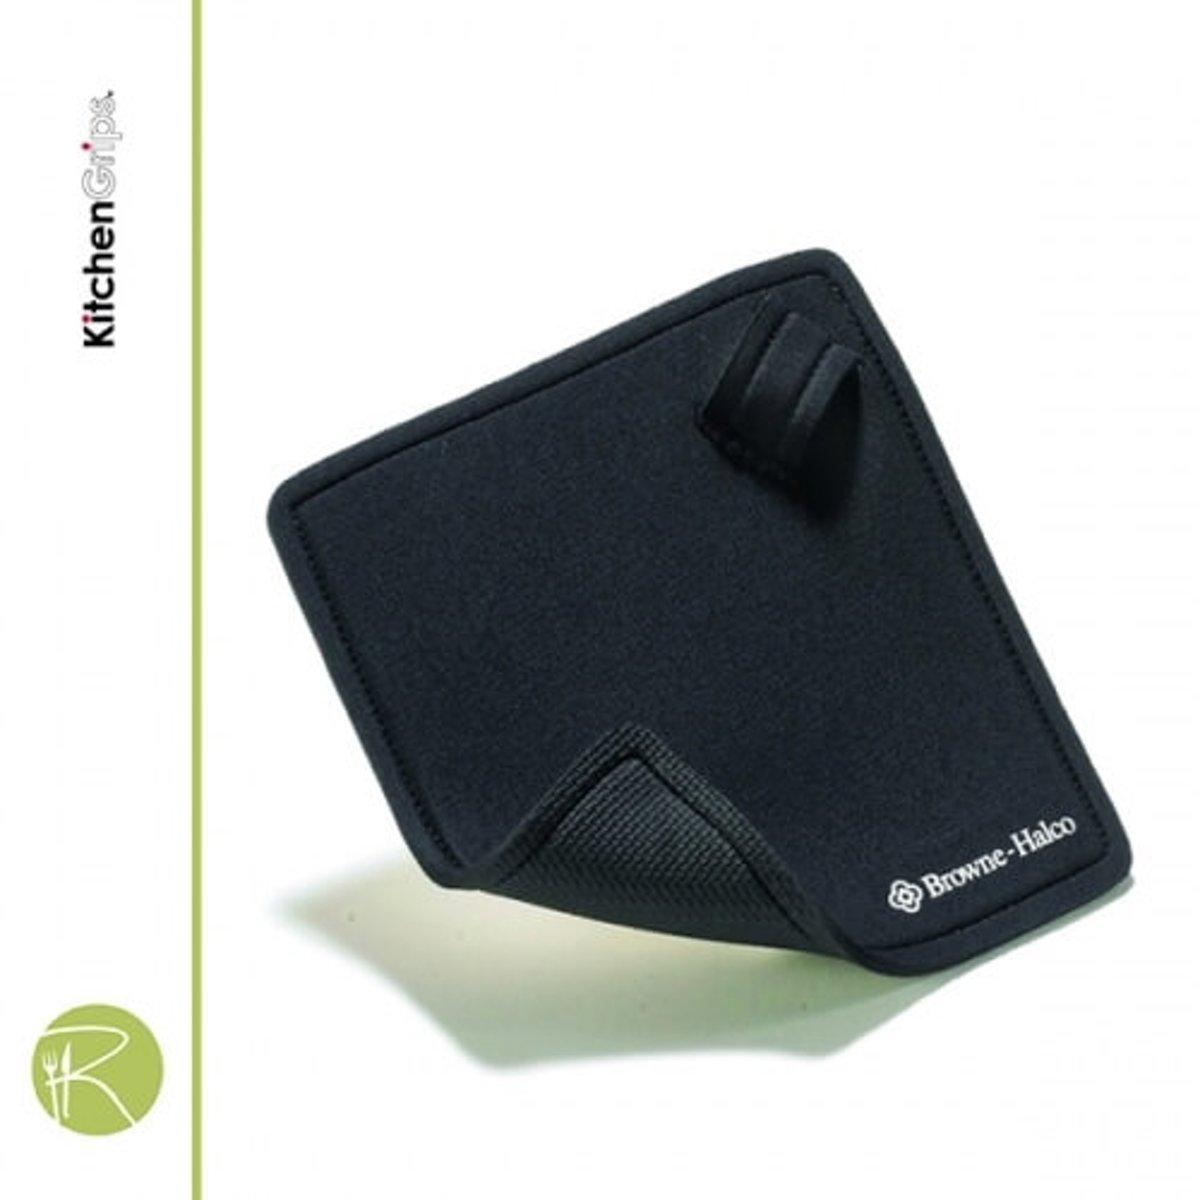 Pannenlap & Onderzetter - Kitchengrips - Horeca - hot pad met handgreep - 17 x 17 cm kopen